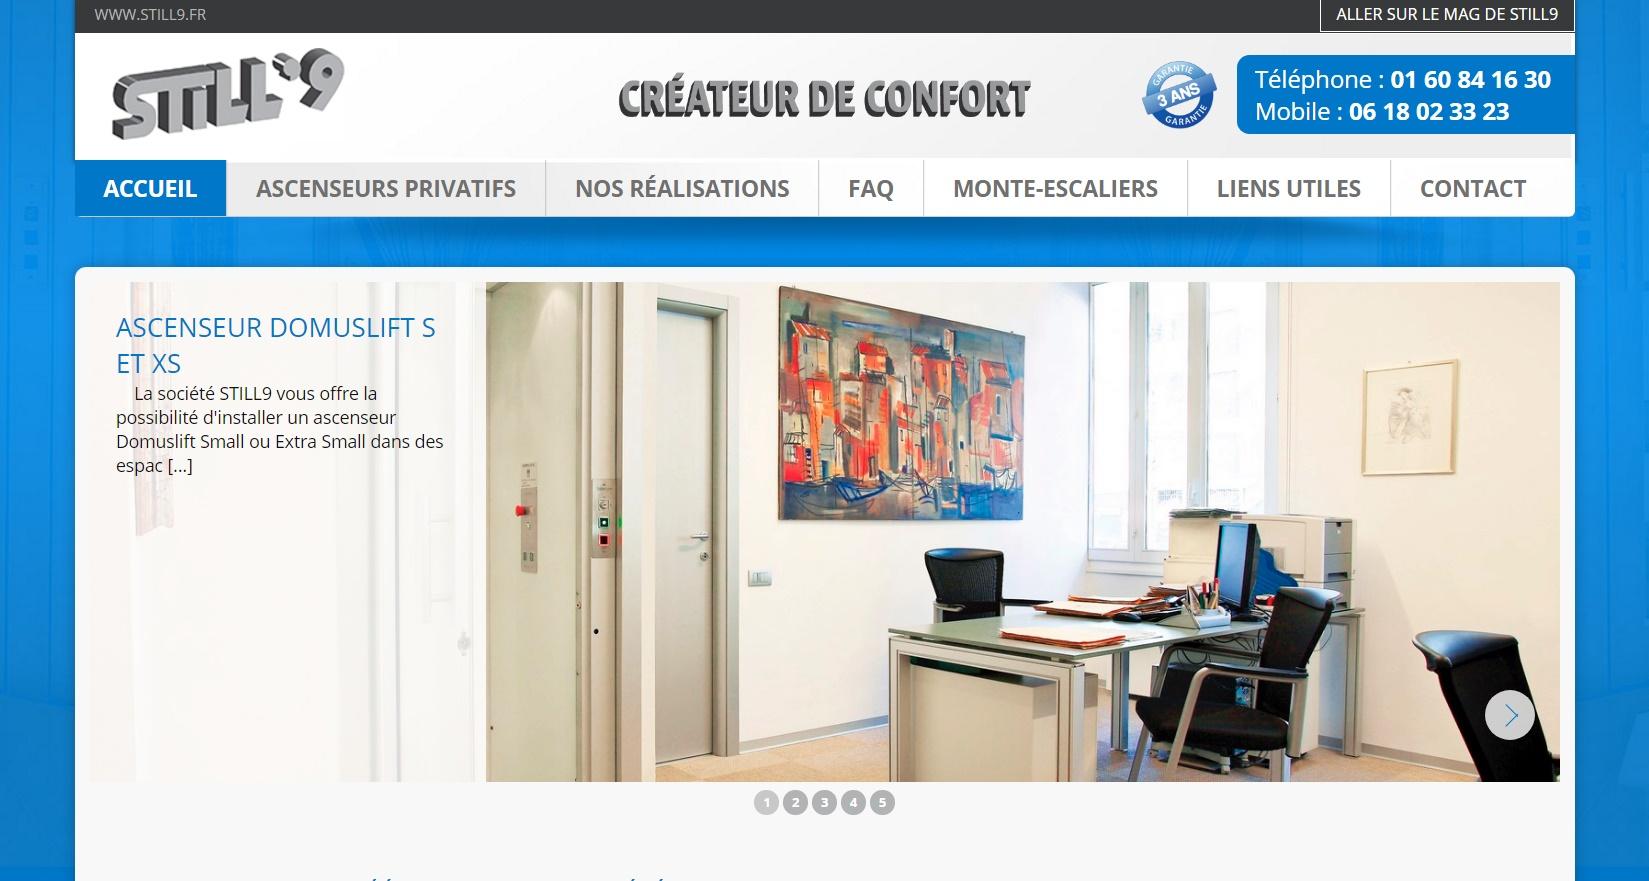 Vente et installation d'ascenseurs privatifs proche Paris